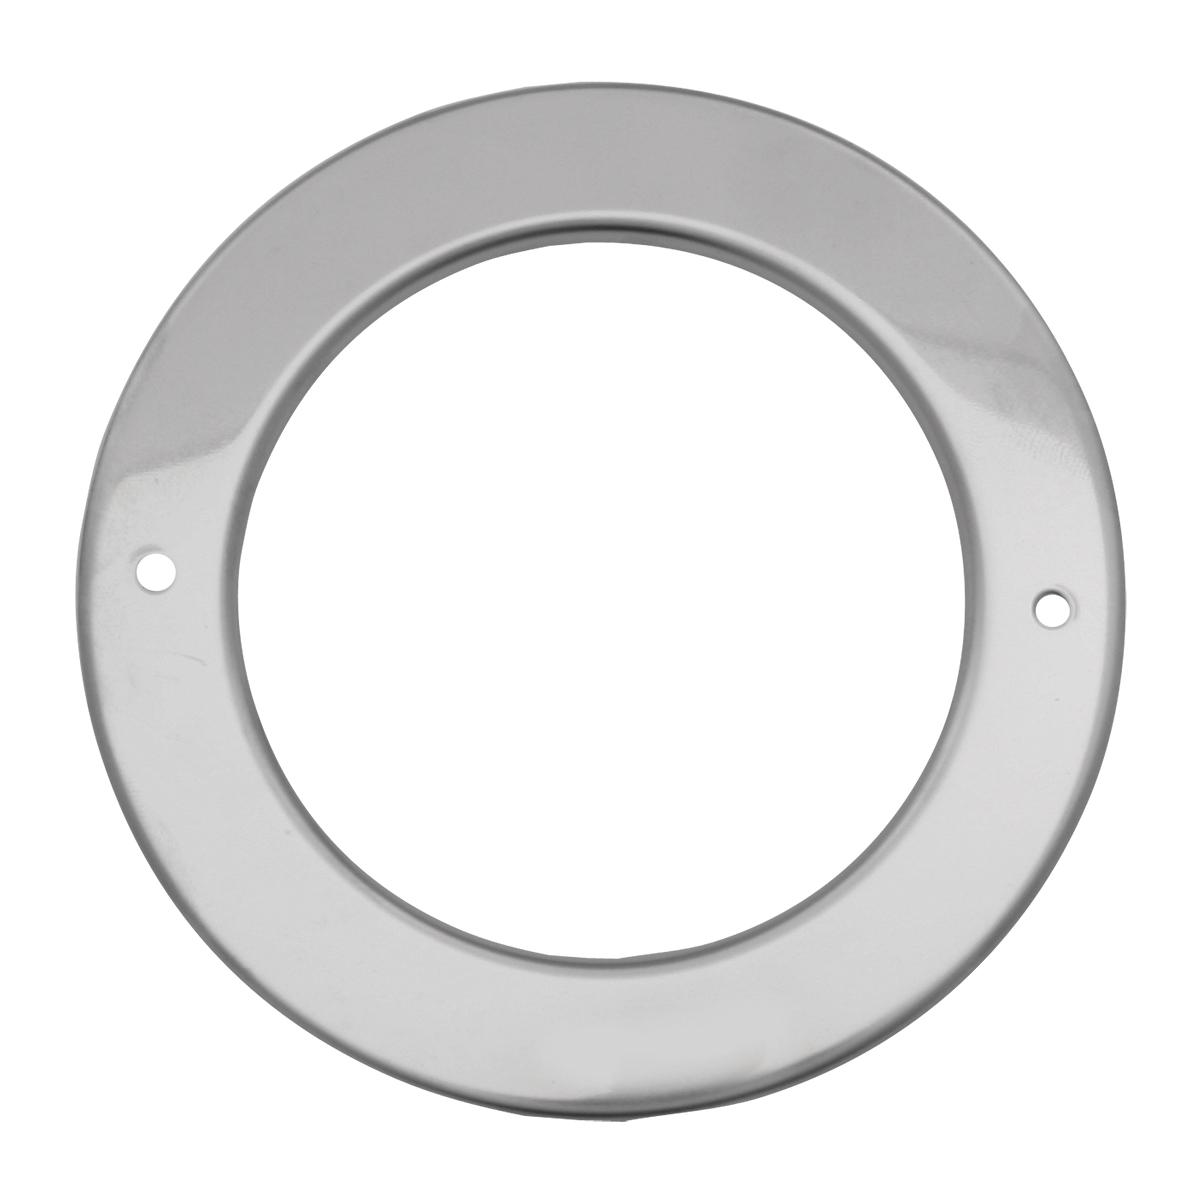 """80711 Grommet Cover w/o Visor for 2.5"""" Round Light"""